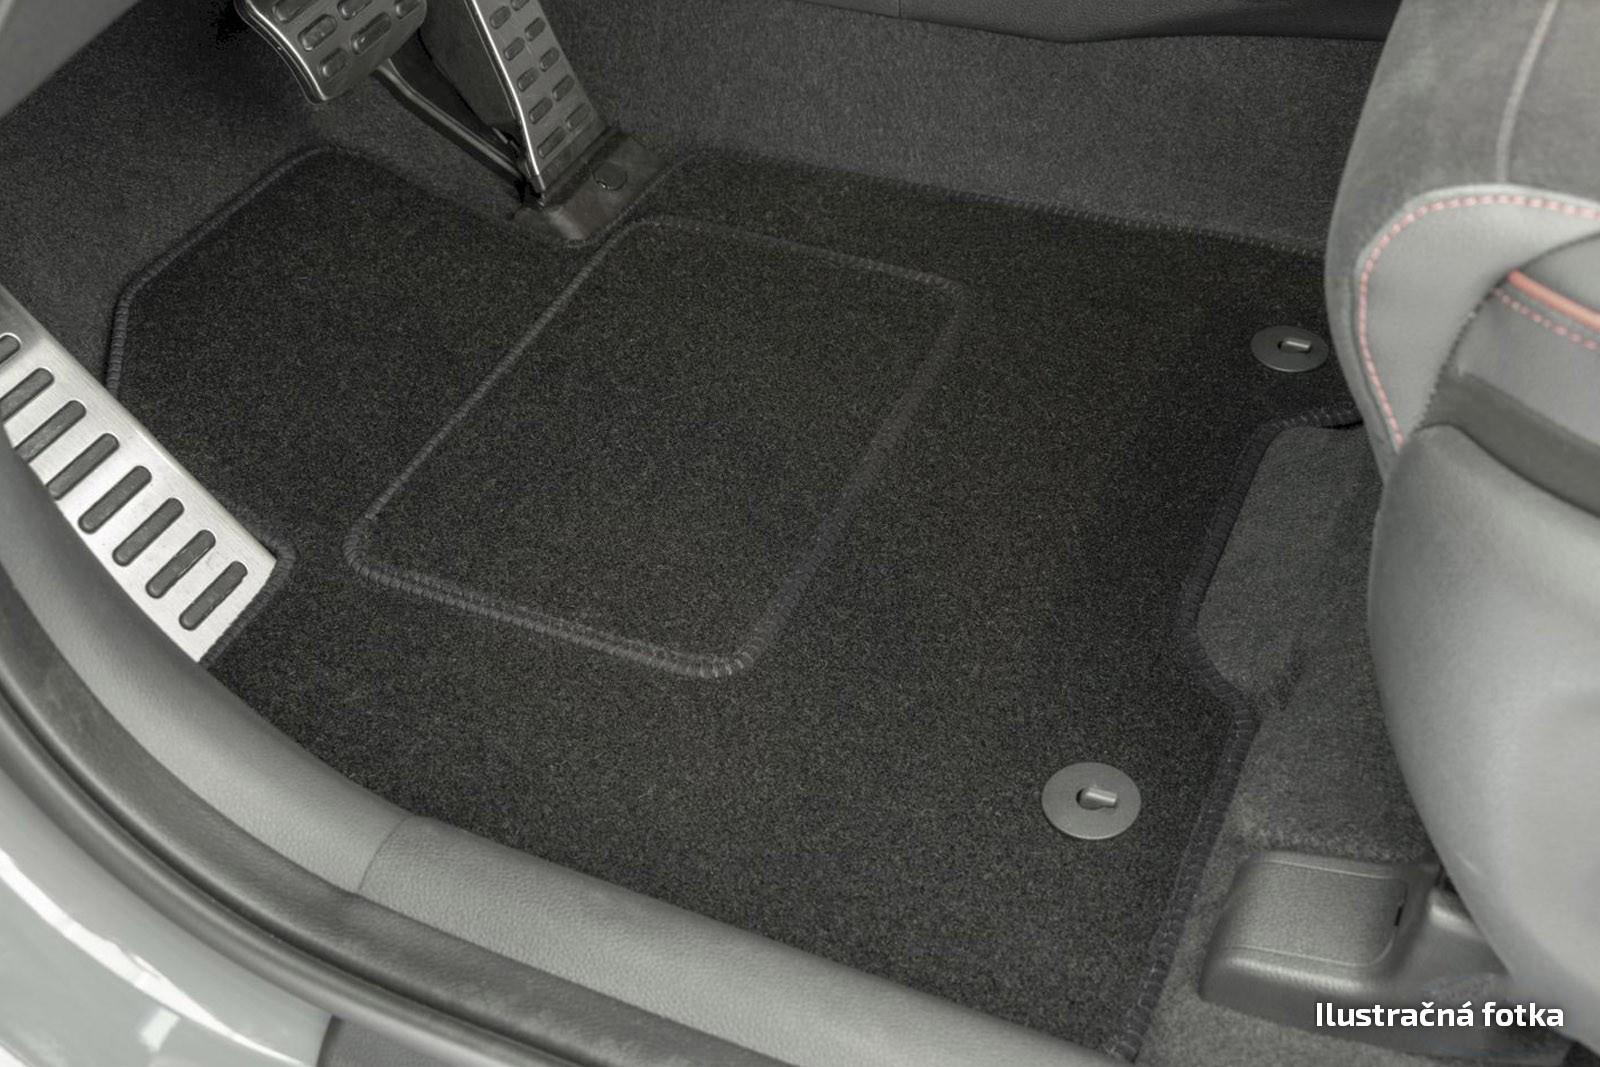 Poza cu Covorase din velur, Mazda 5, 2005-2010